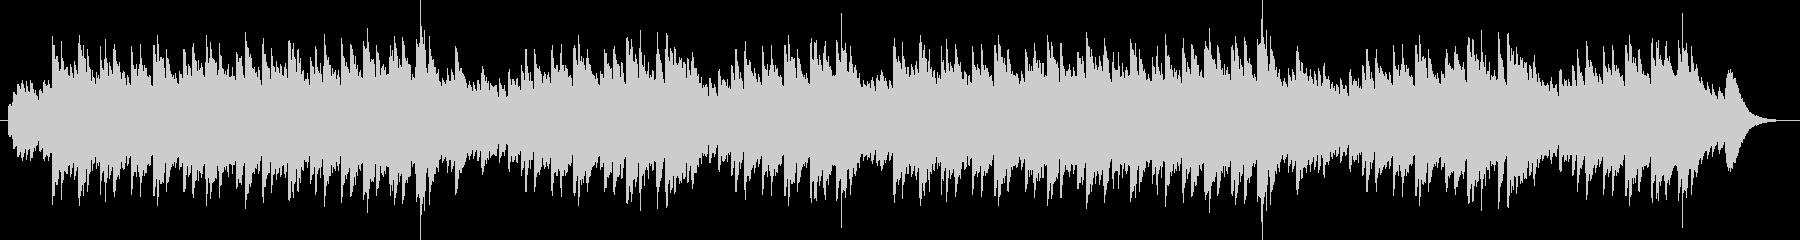 グリーンスリーヴス(オルゴール)の未再生の波形